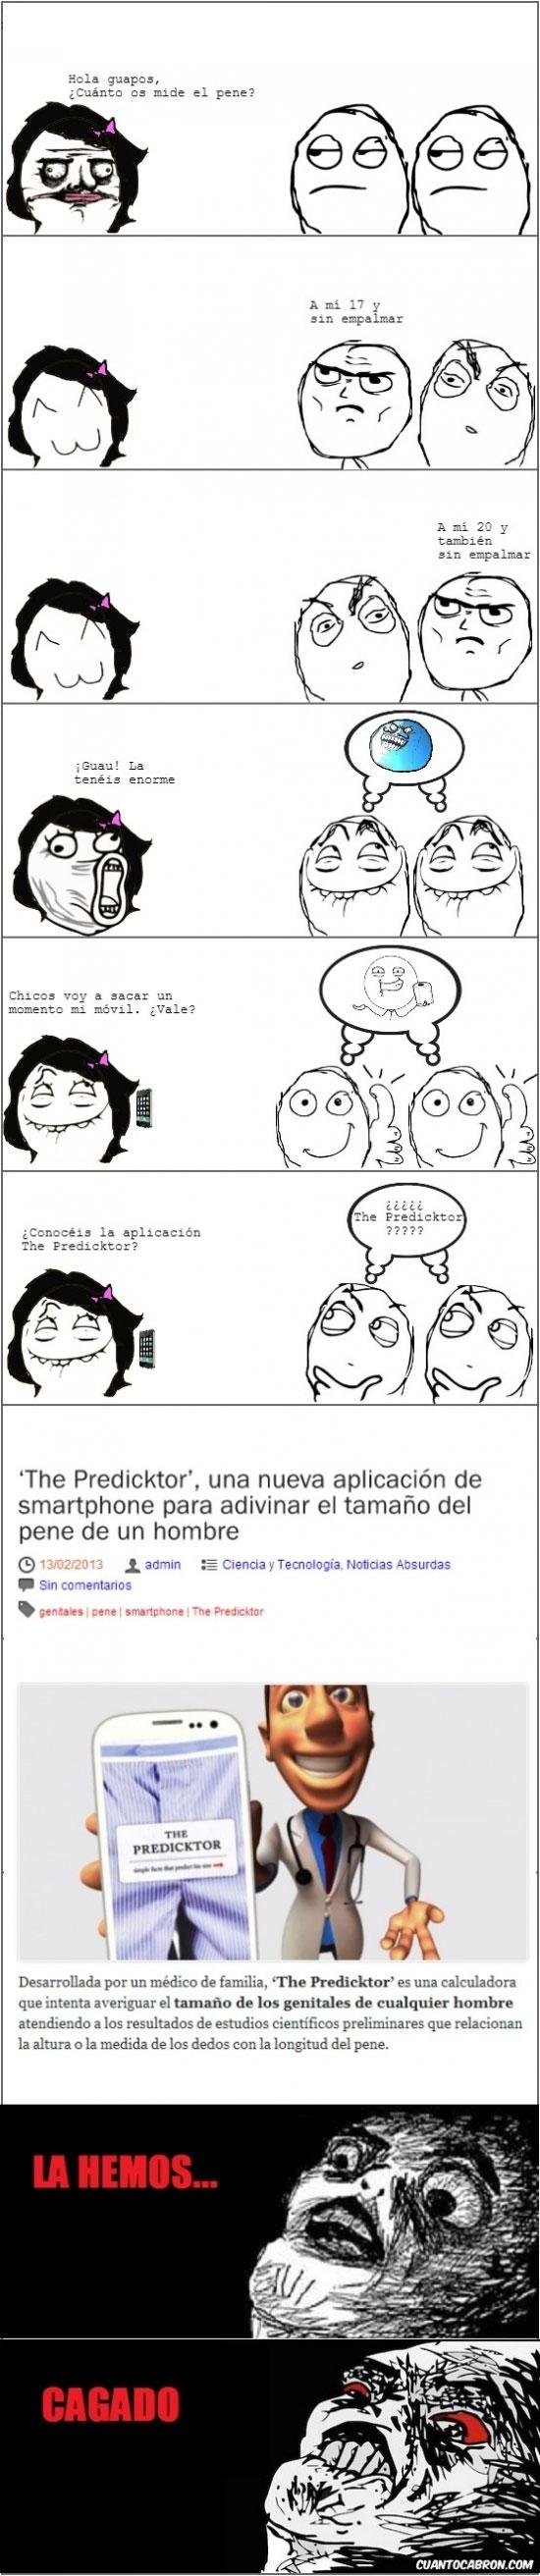 Otros - The predicktor